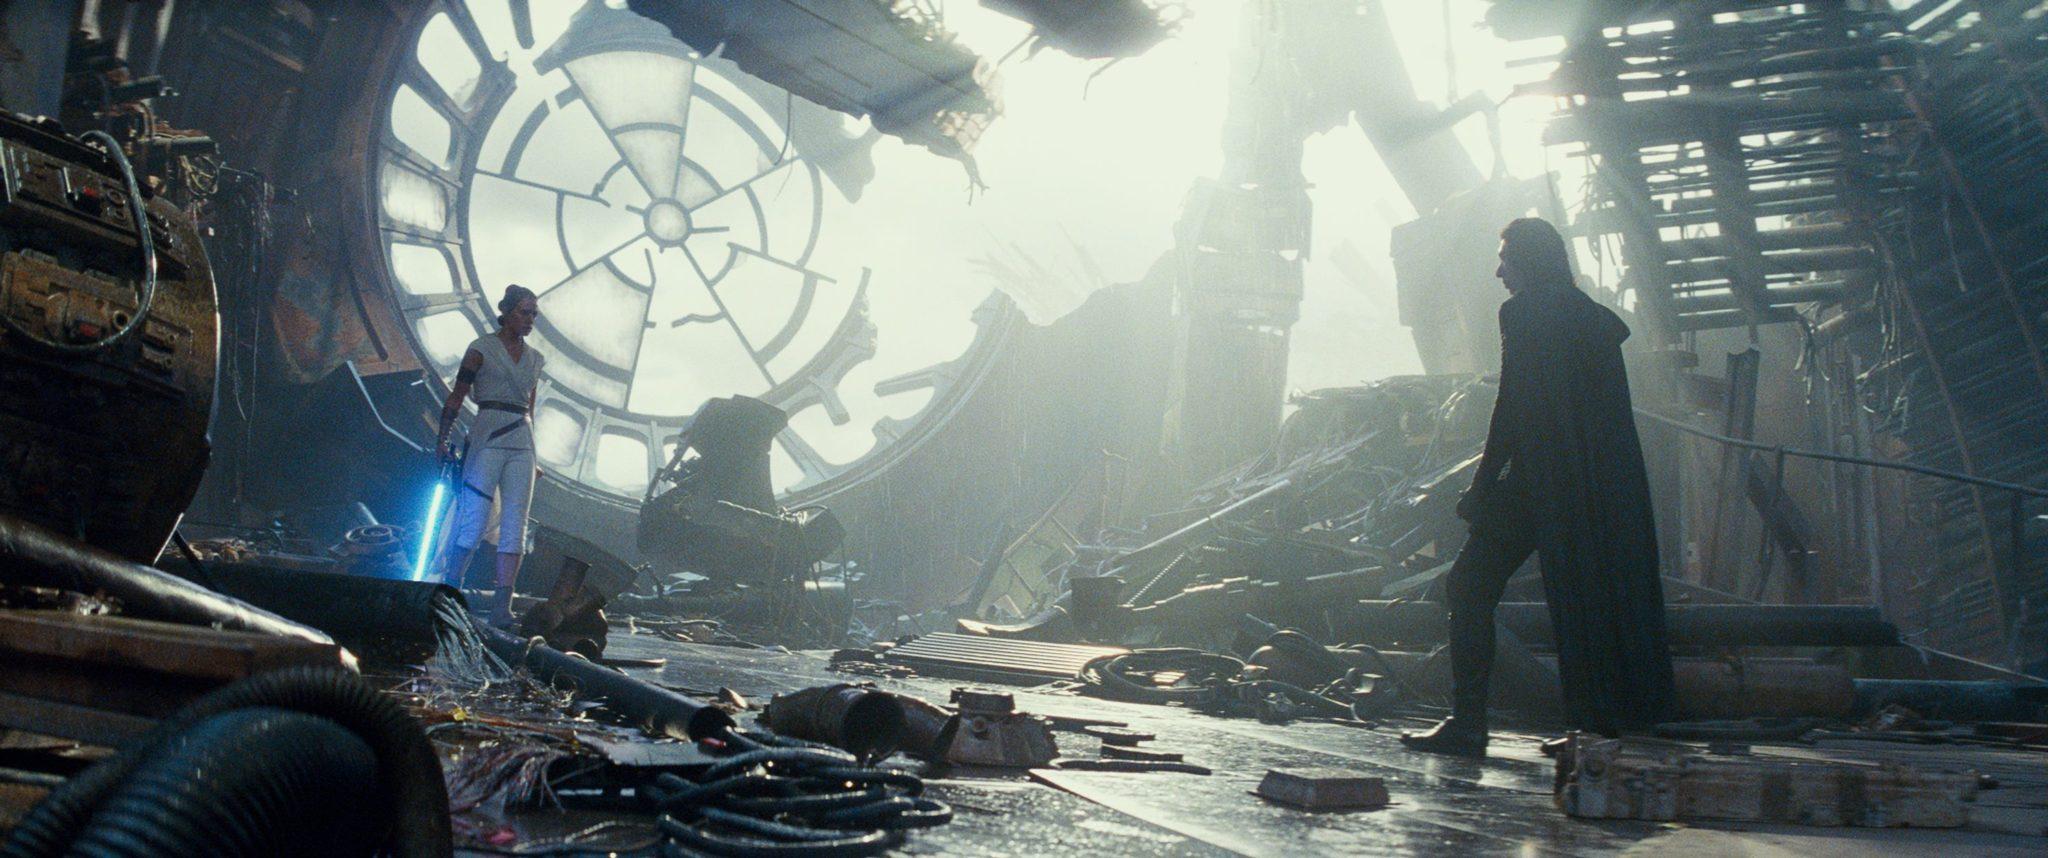 'Star Wars IX (El ascenso de Skywalker)'